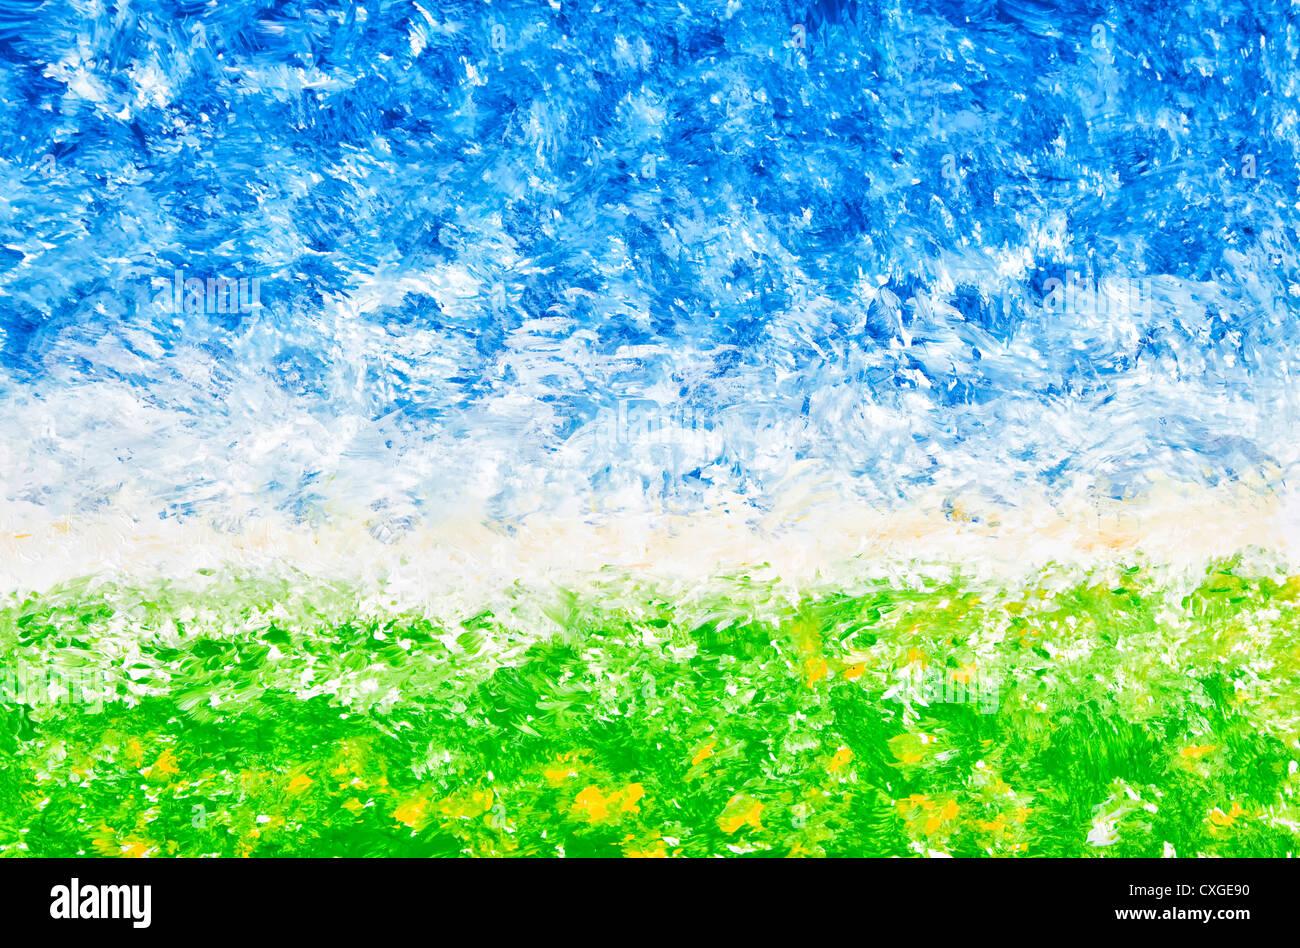 Un paesaggio astratto compreso di grezzo pennellate di vernice acrilica. Immagini Stock